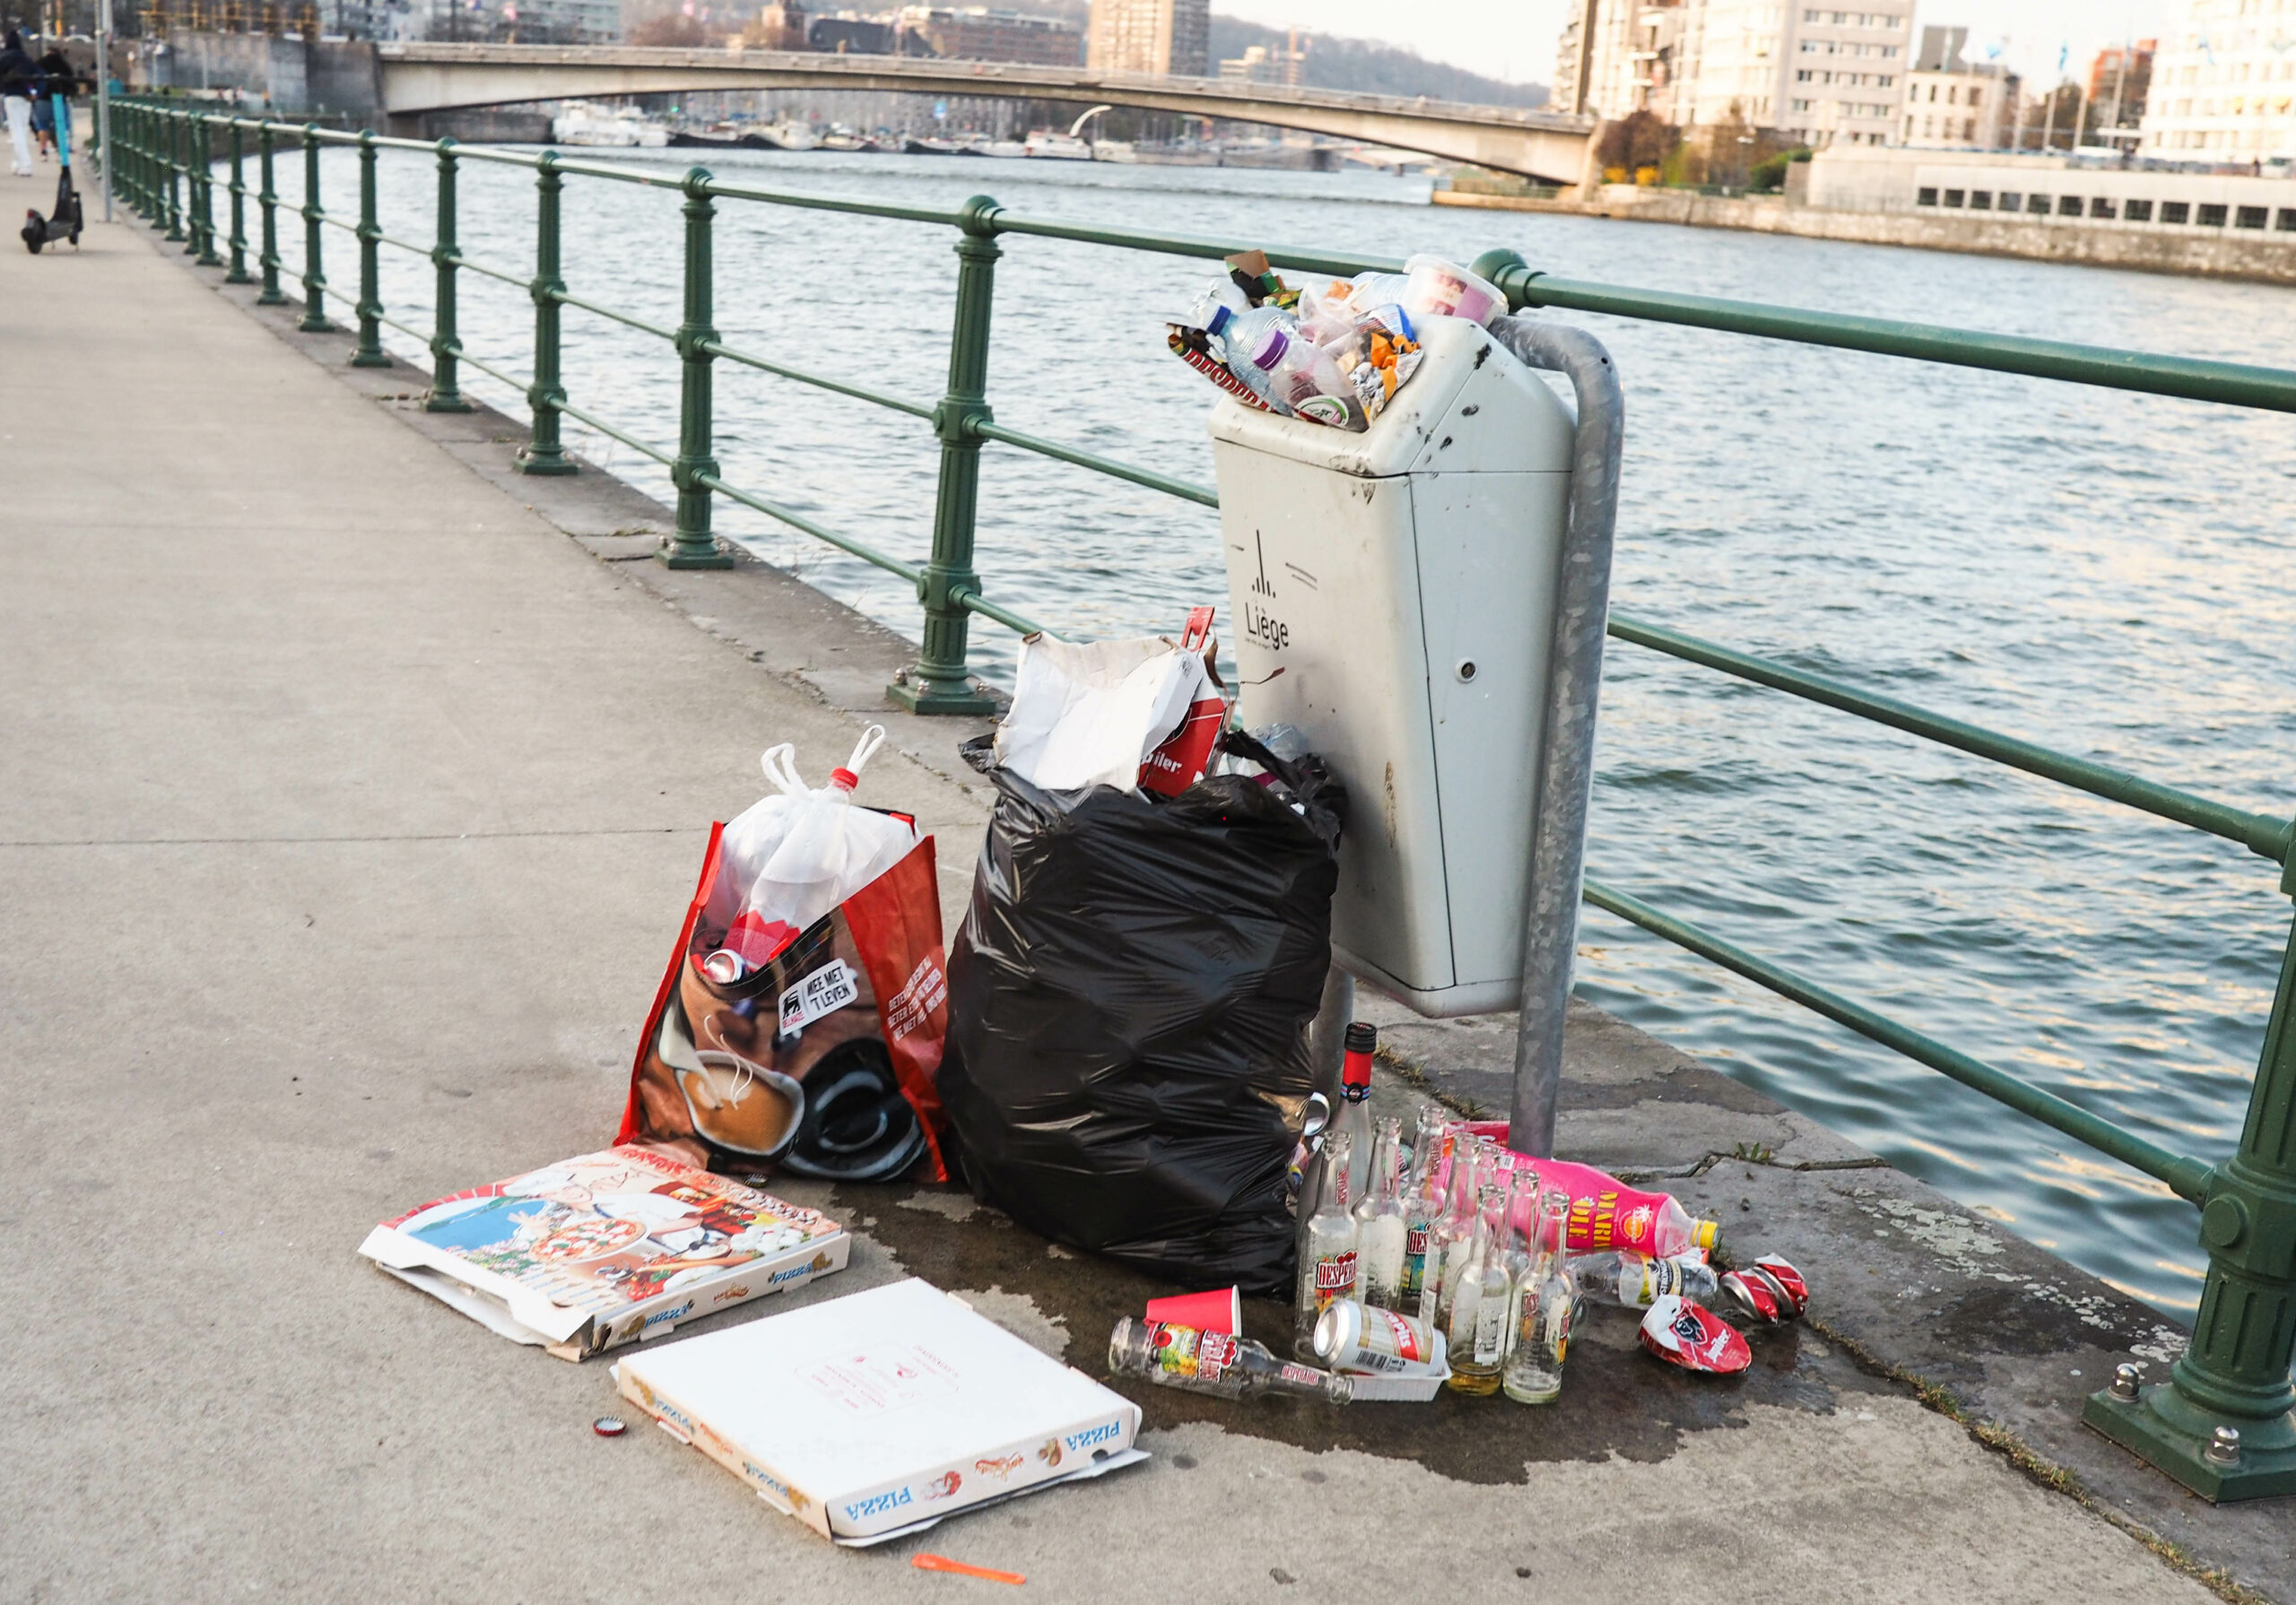 Toujours trop de déchets laissés après les fêtes organisées dans les parcs ou leurs abords